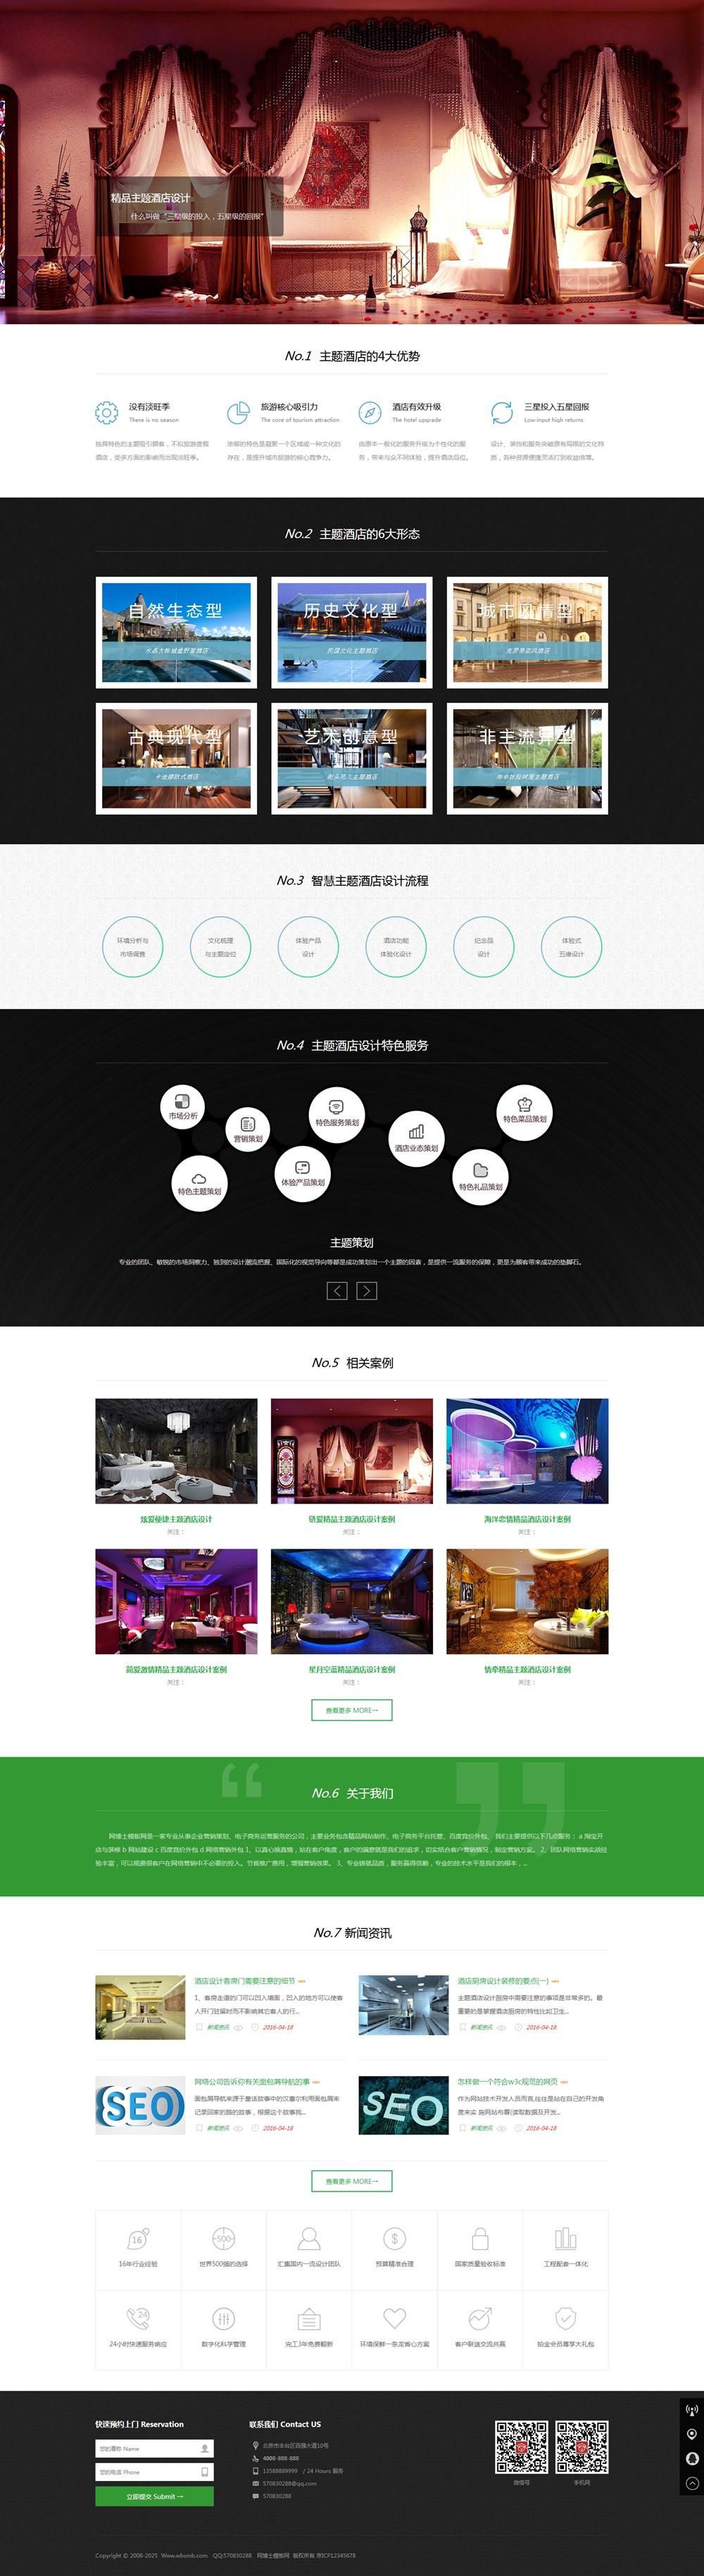 (自适应手机版)HTML5响应式酒店设计室内装修网站